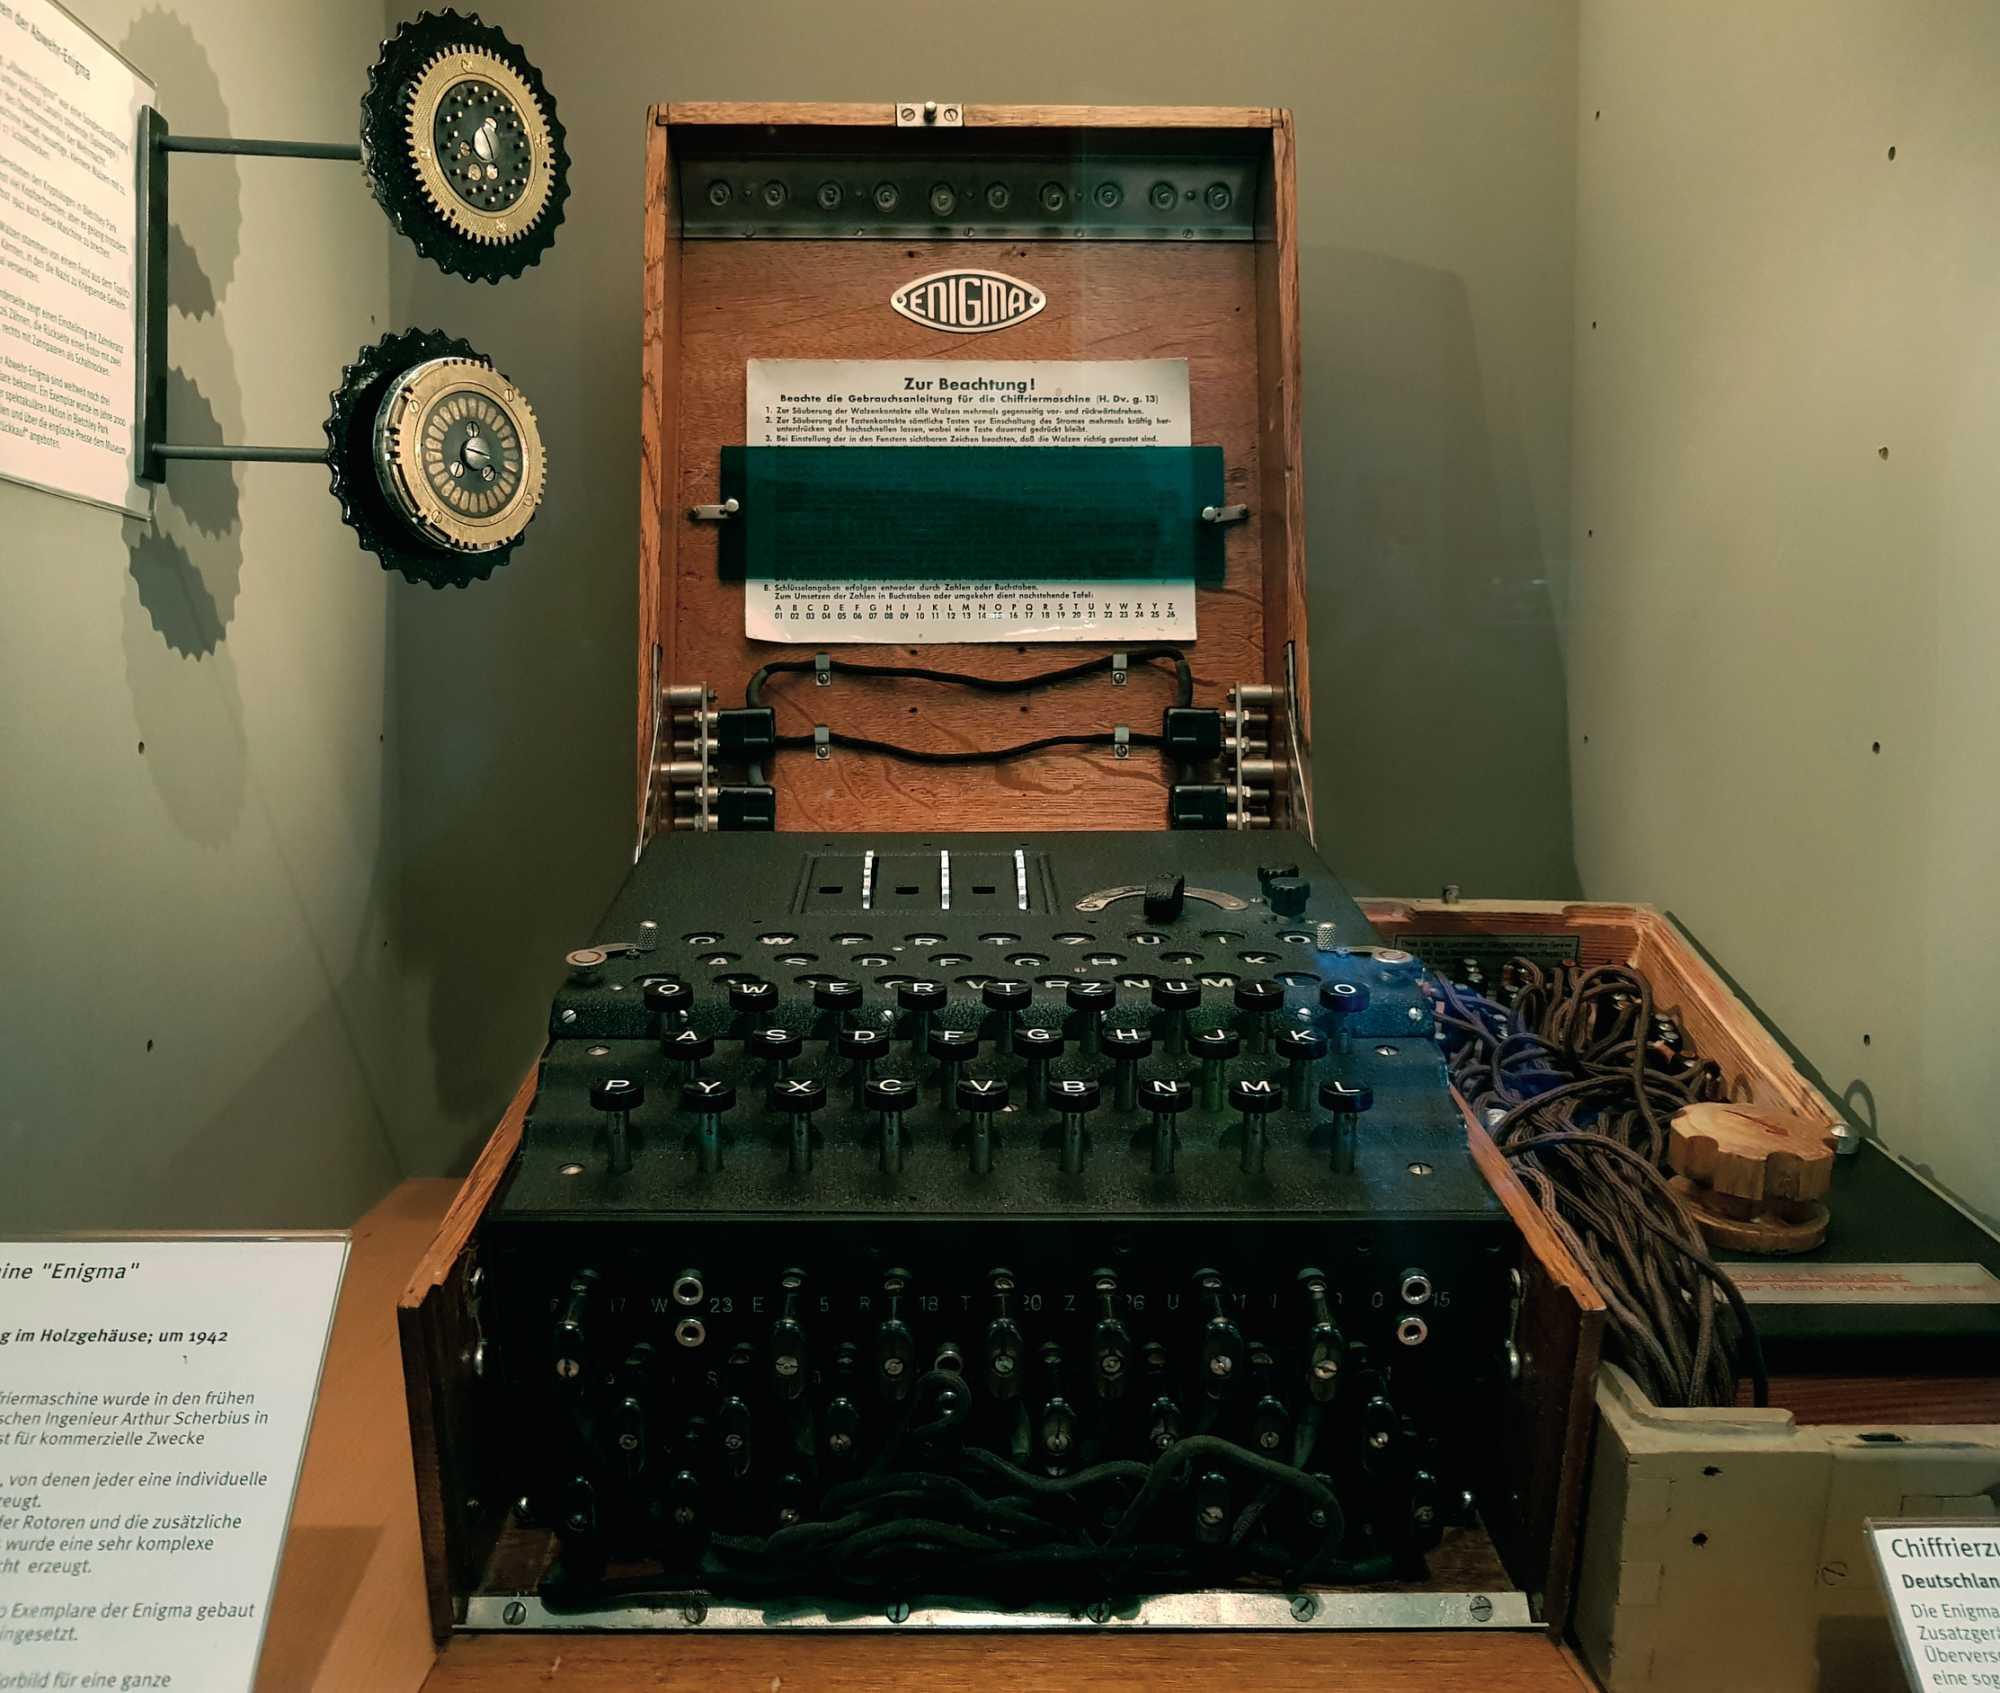 Historisch verschlüsselt: Im HNF kann man eine Enigma bestaunen.